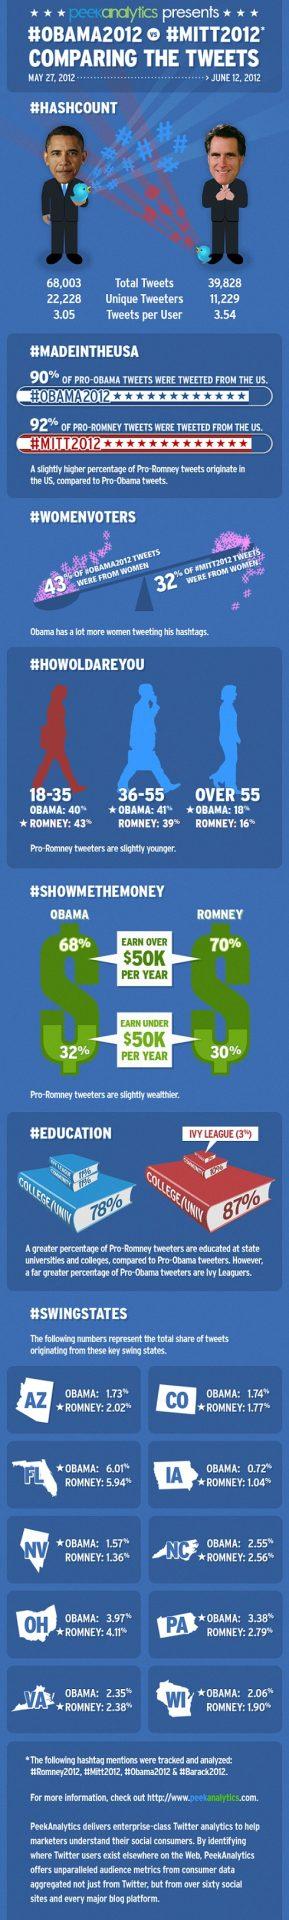 Obama Vs Romney Infographic